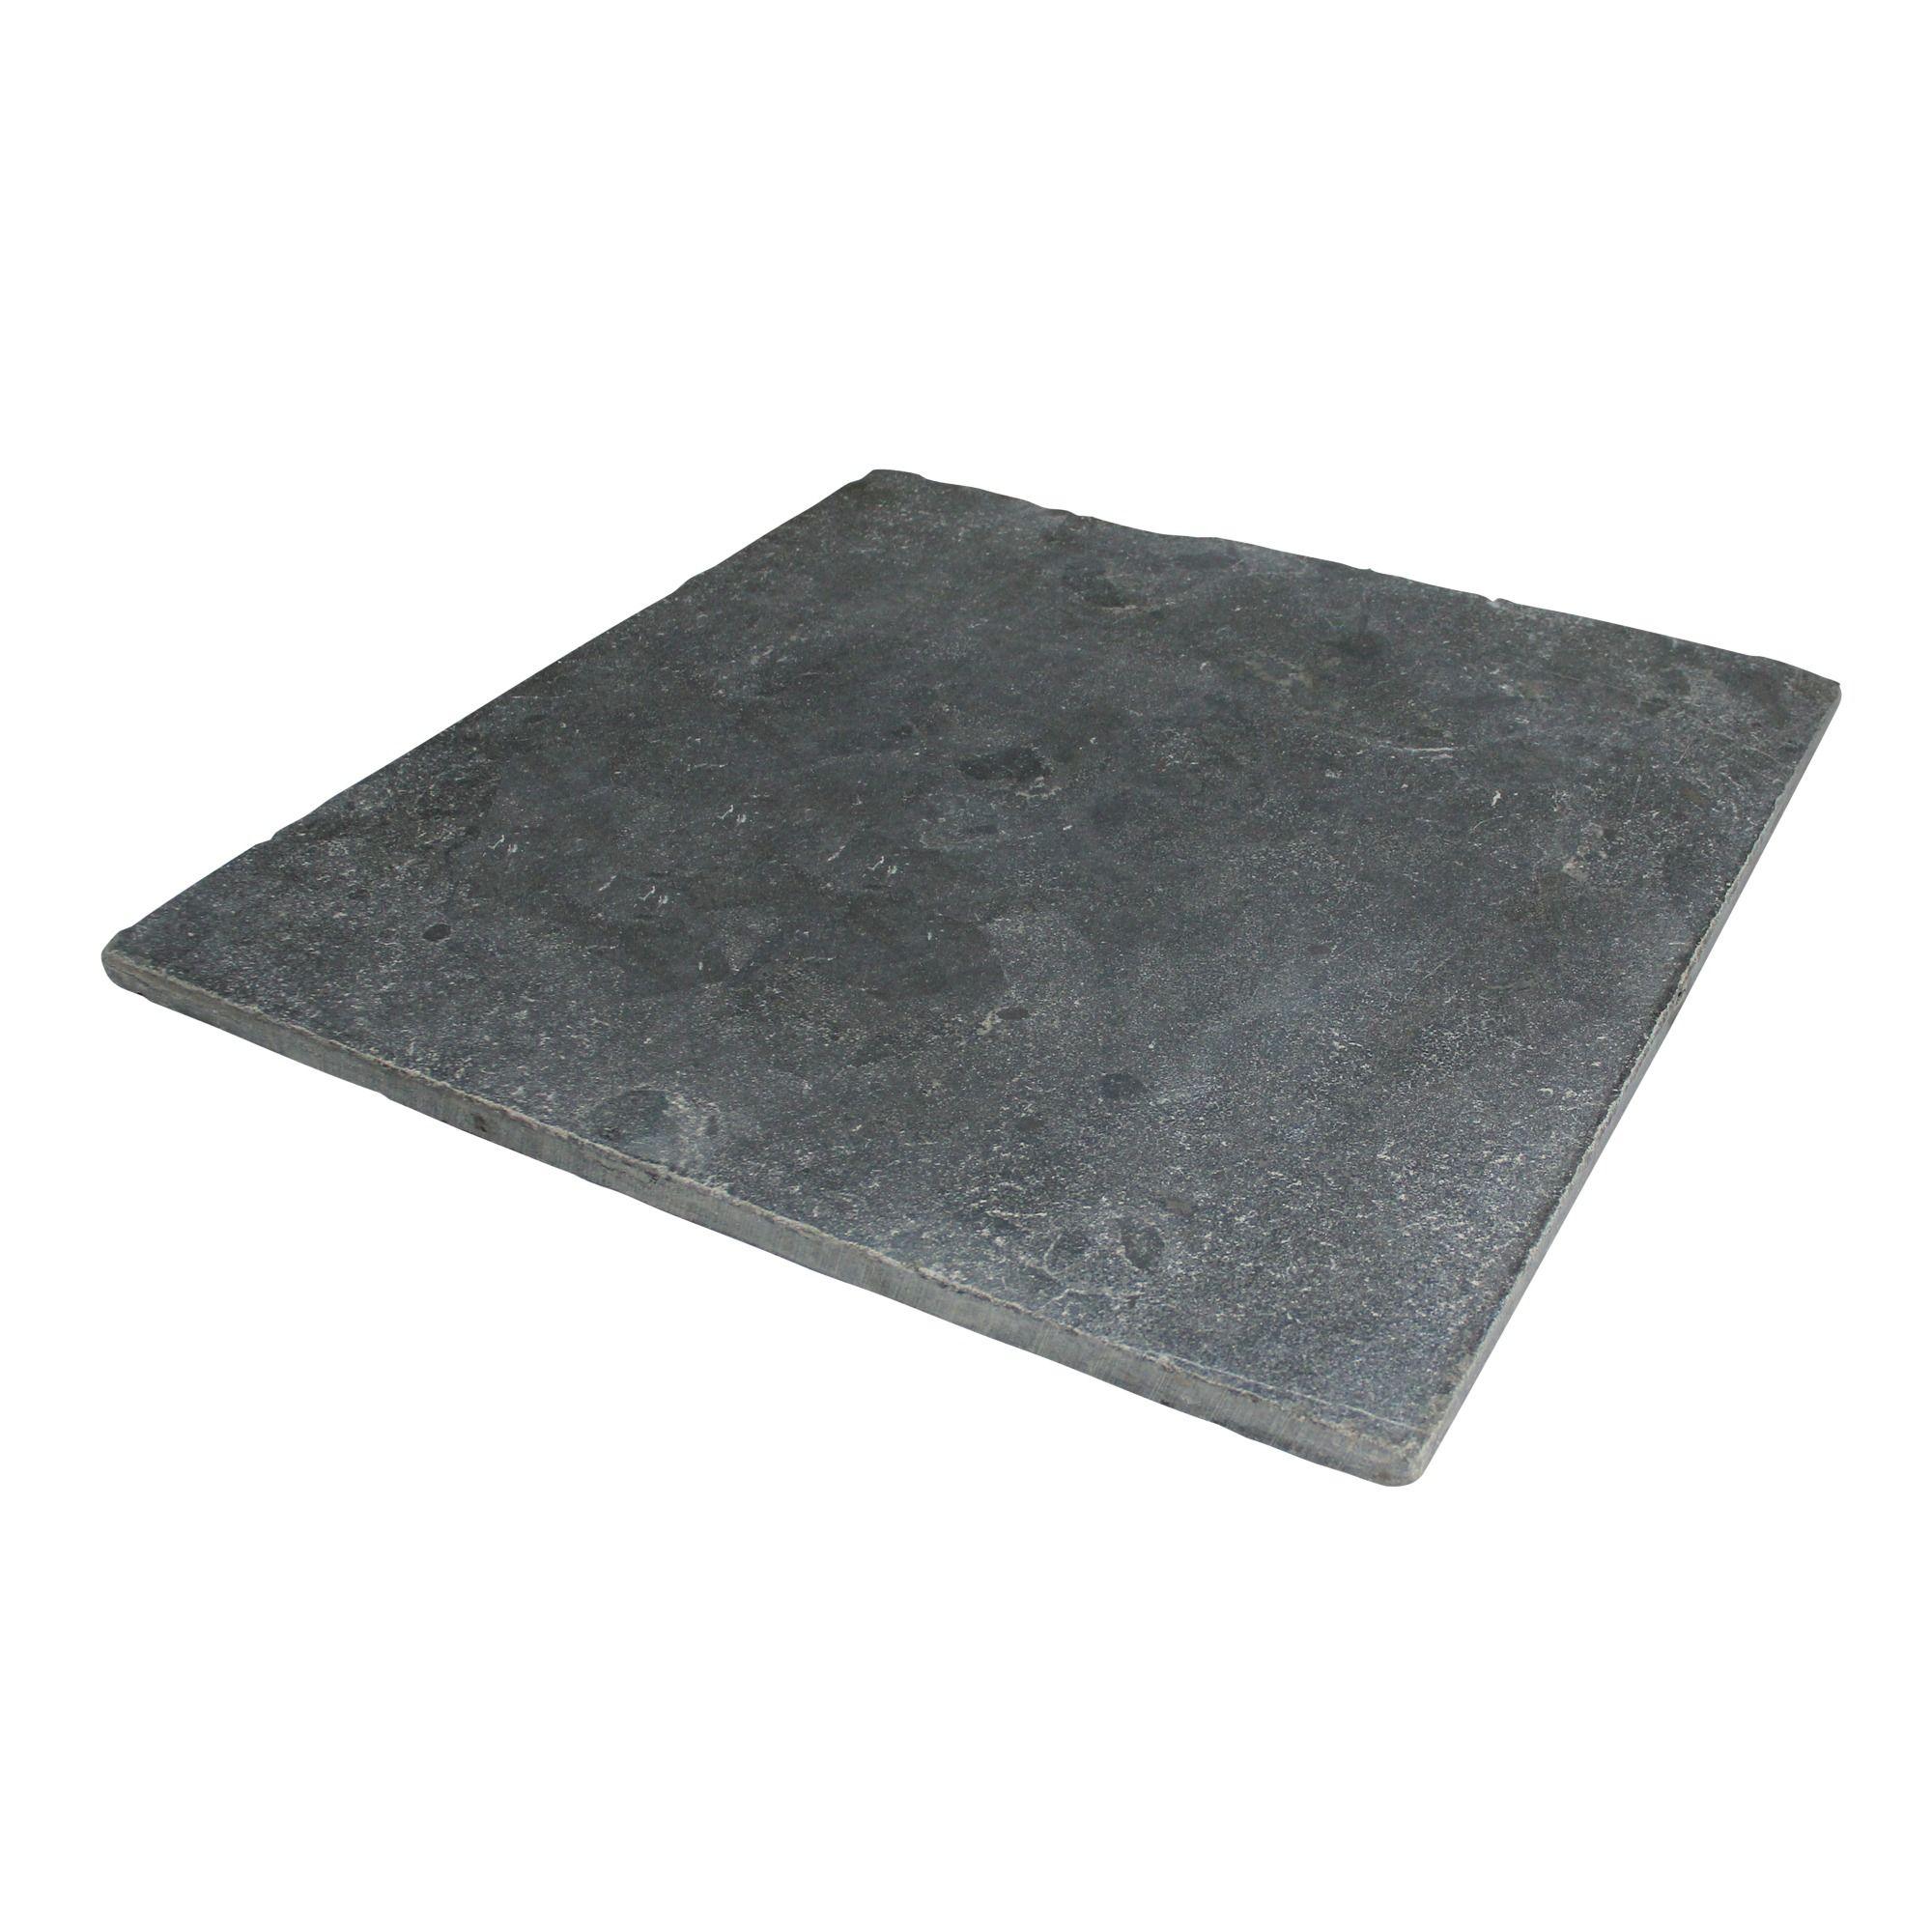 Natuursteen Tuintegels 60x60.Terrastegel Natuursteen Verouderd Blauw 60x60 Cm 50 Tegels